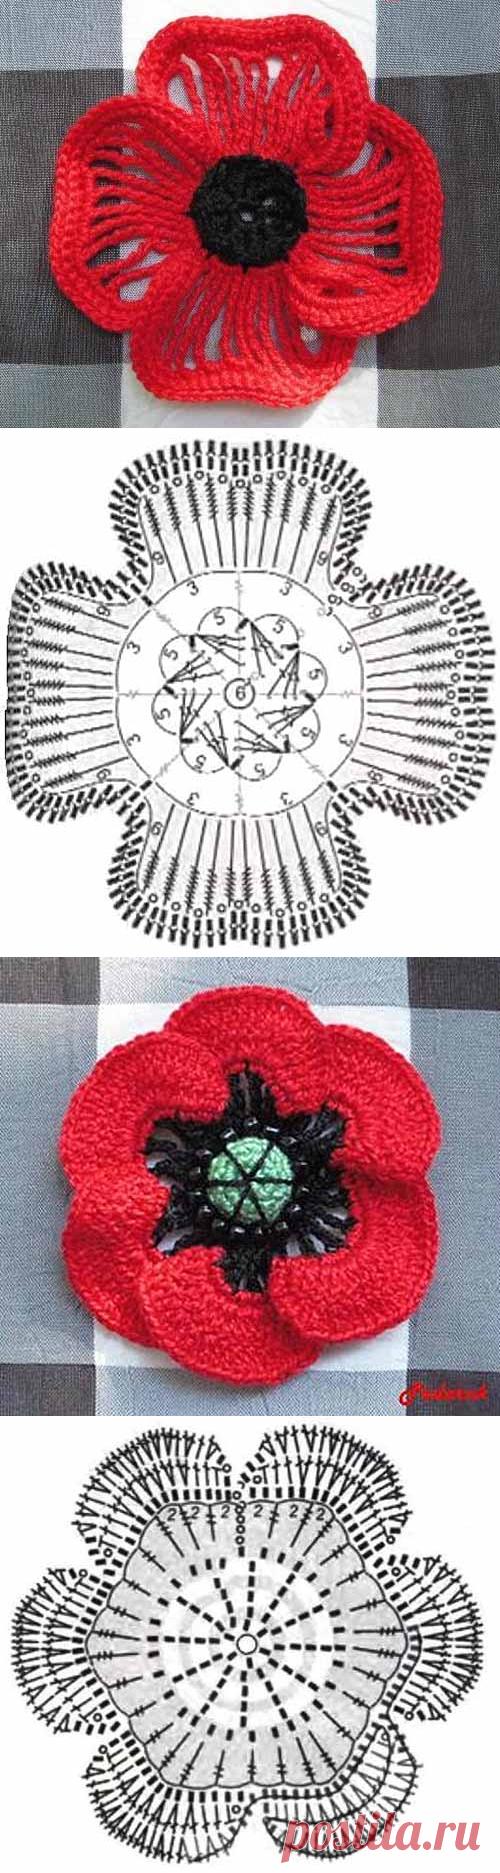 маки вязание крючком схемы и описание вязание и рукоделие постила